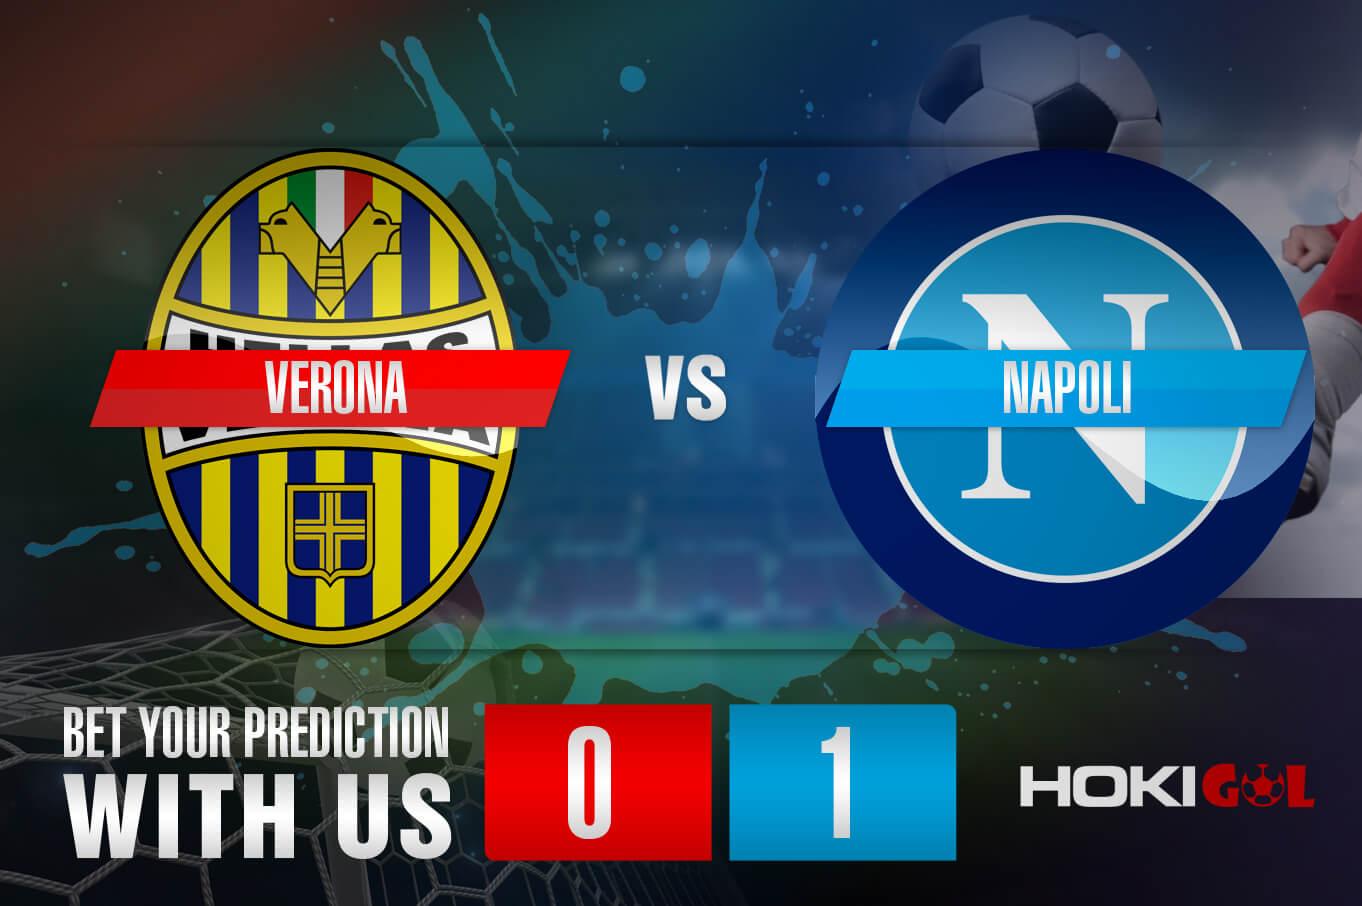 Prediksi Bola Verona Vs Napoli 24 Januari 2021